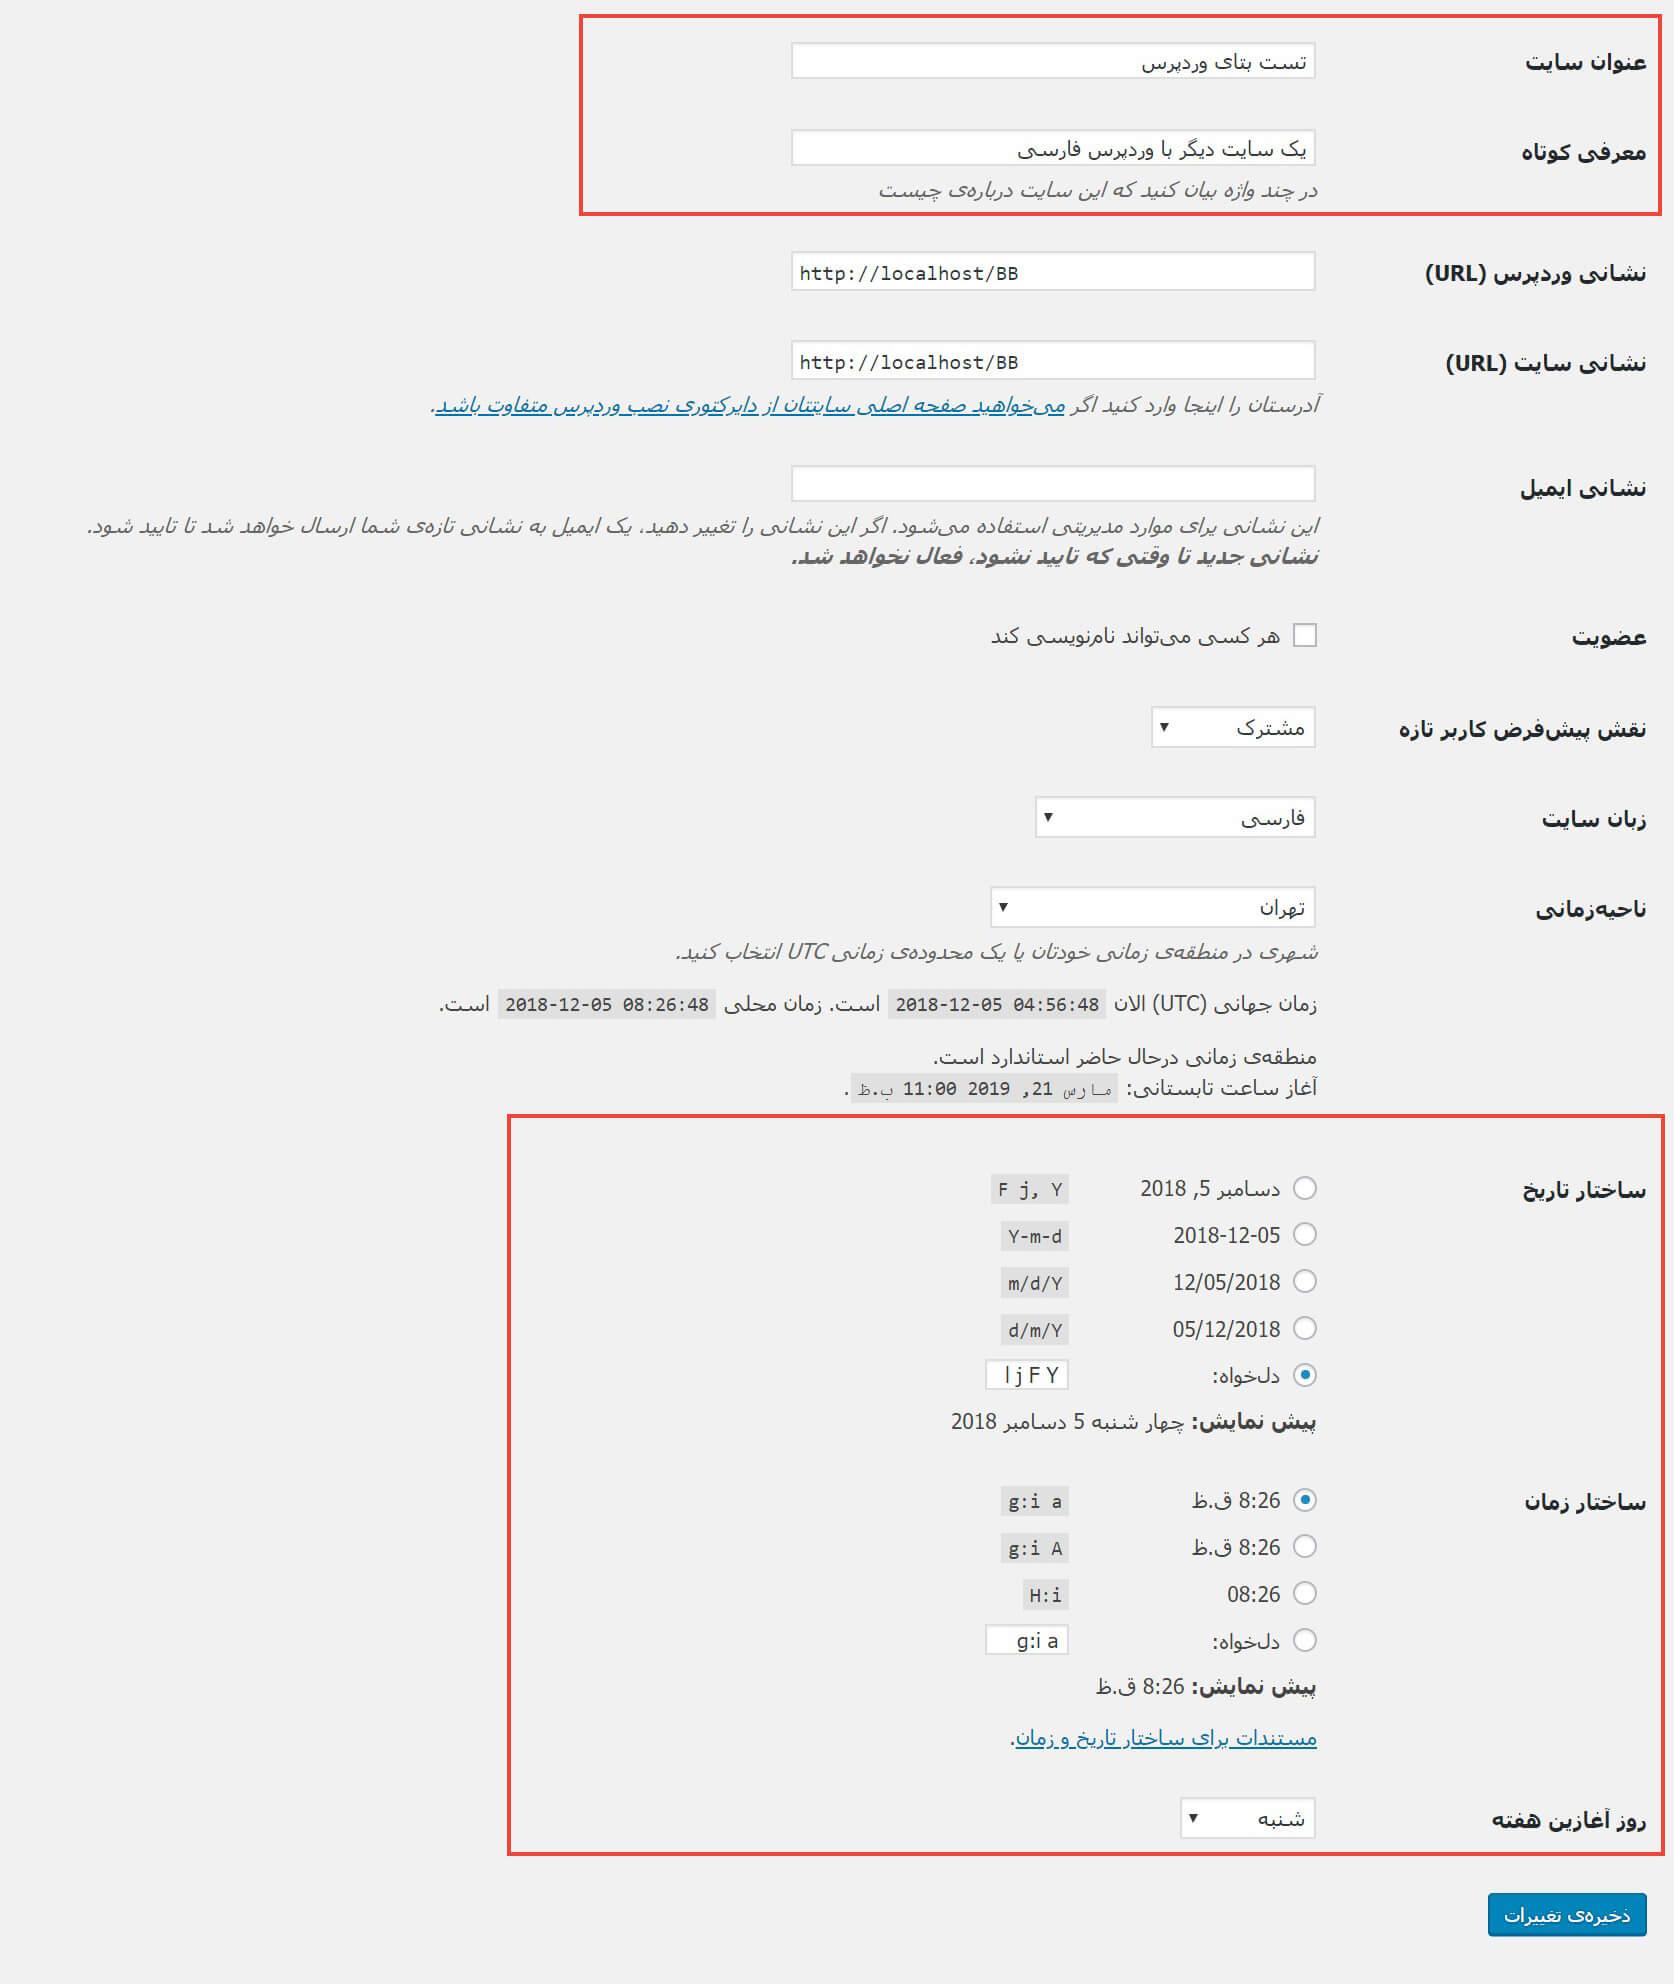 تنظیمات صفحه اصلی سایت